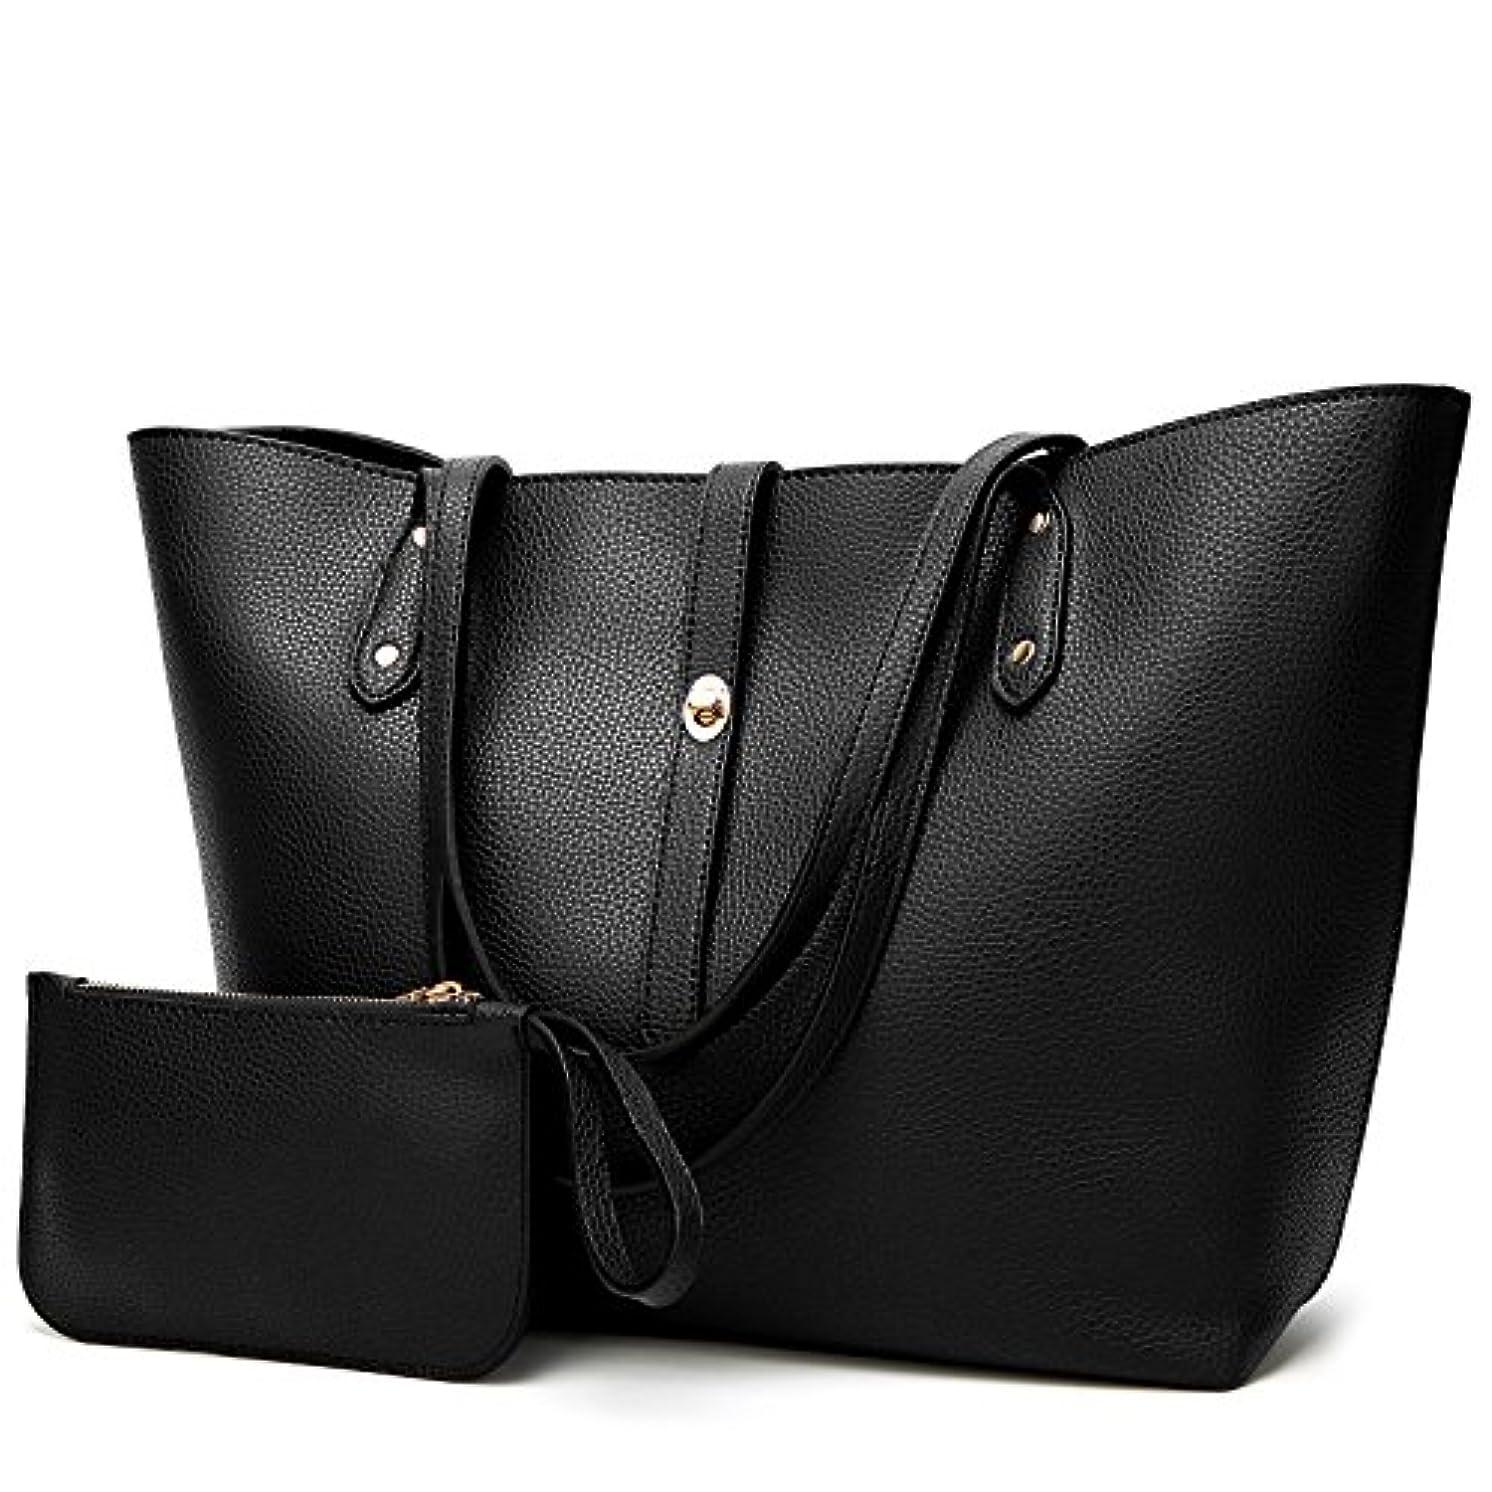 どんよりした取り出す病[TcIFE] ハンドバッグ レディース トートバッグ 大容量 無地 ショルダーバッグ 2way 財布とハンドバッグ